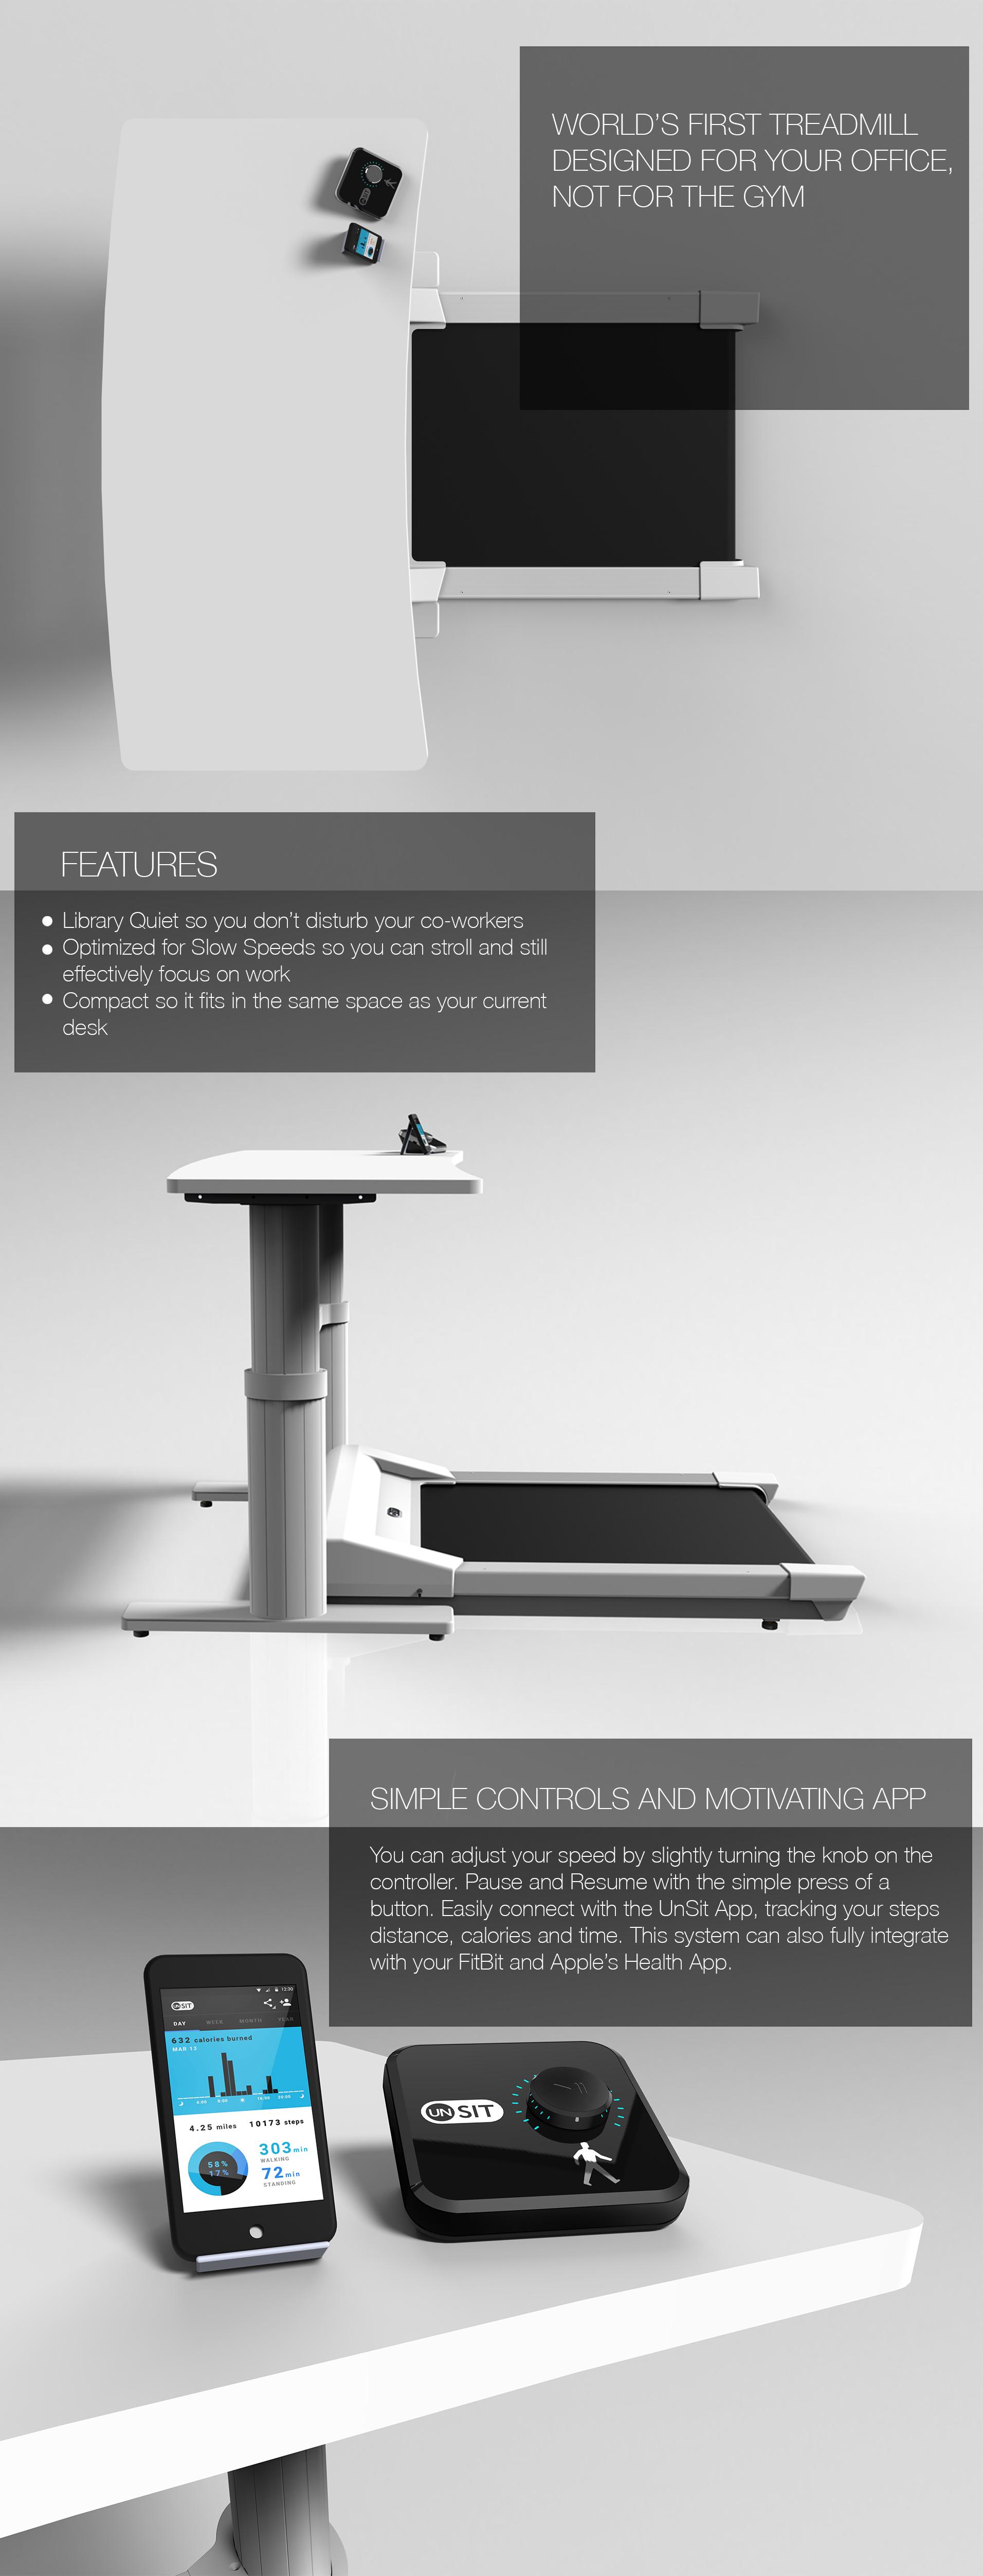 Project Slide Images 5.jpg